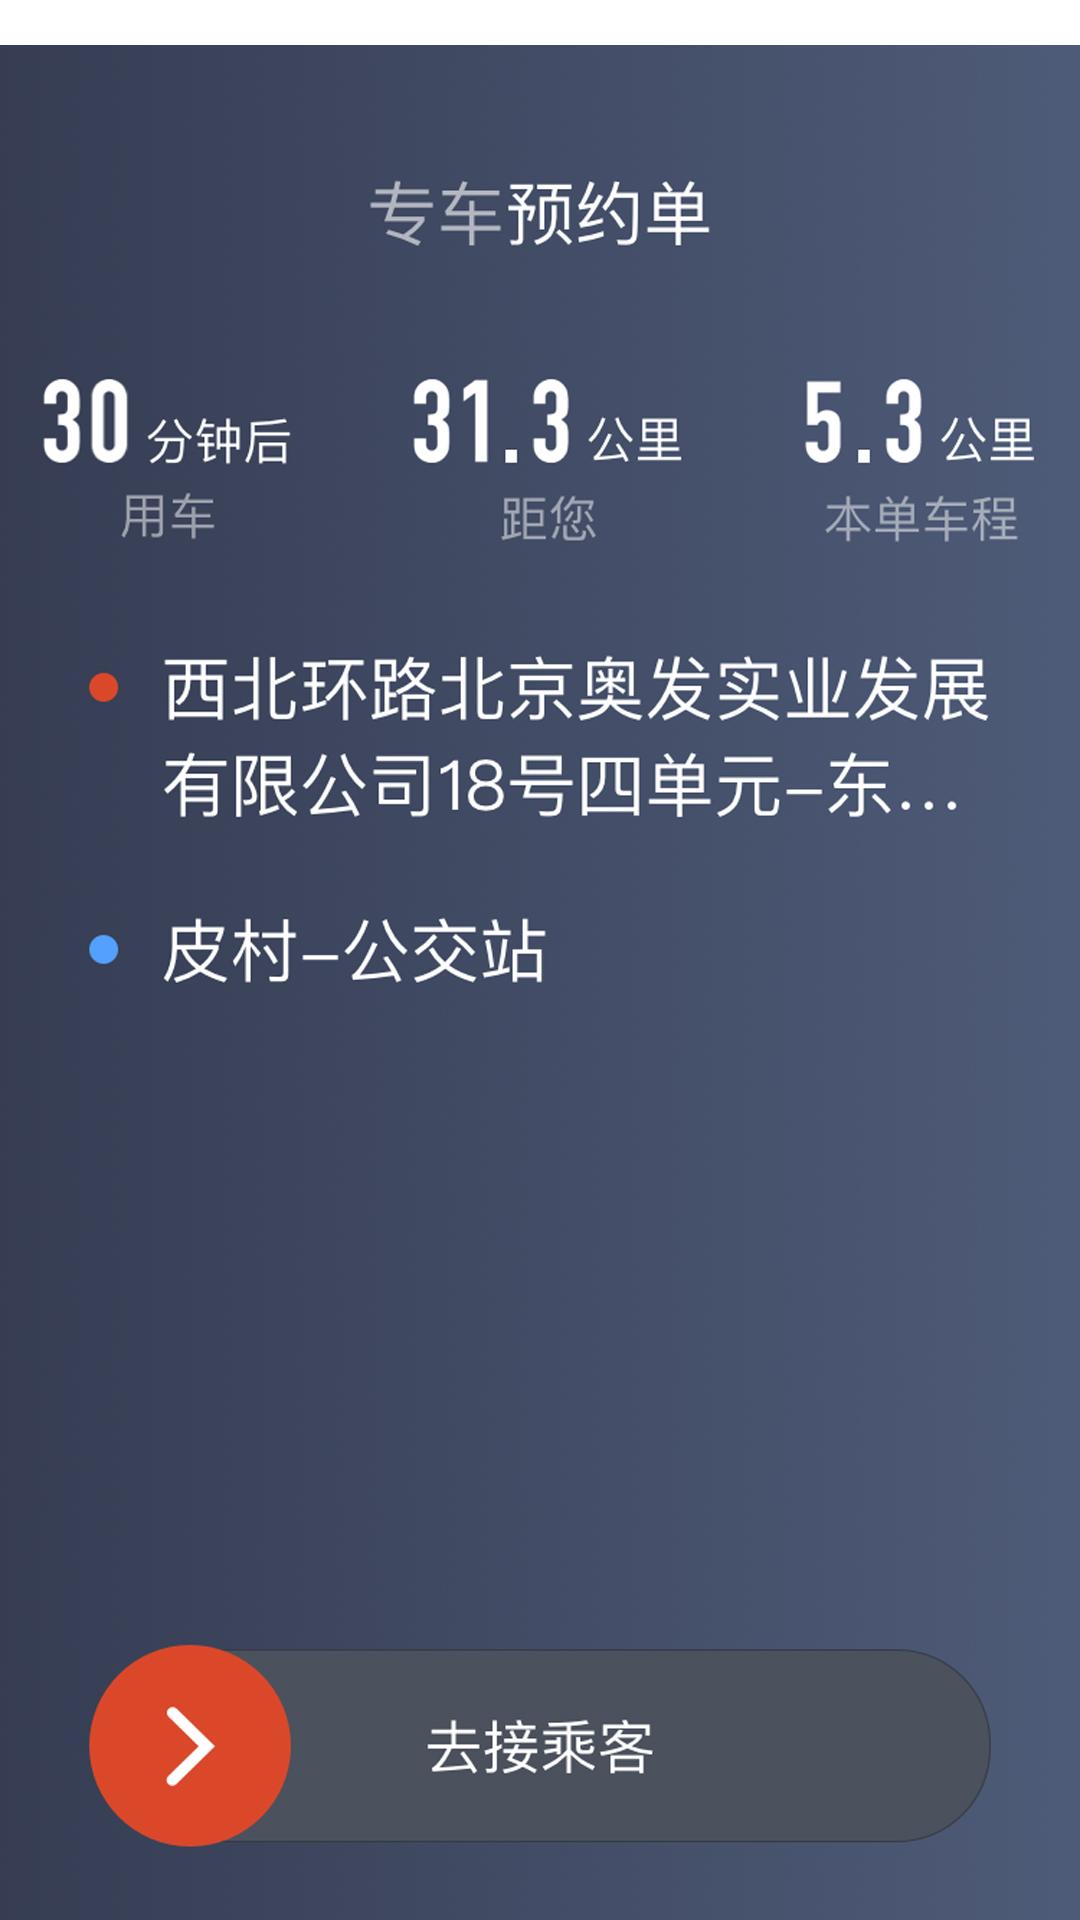 快约的司机端appv4.50.0.0026 最新版